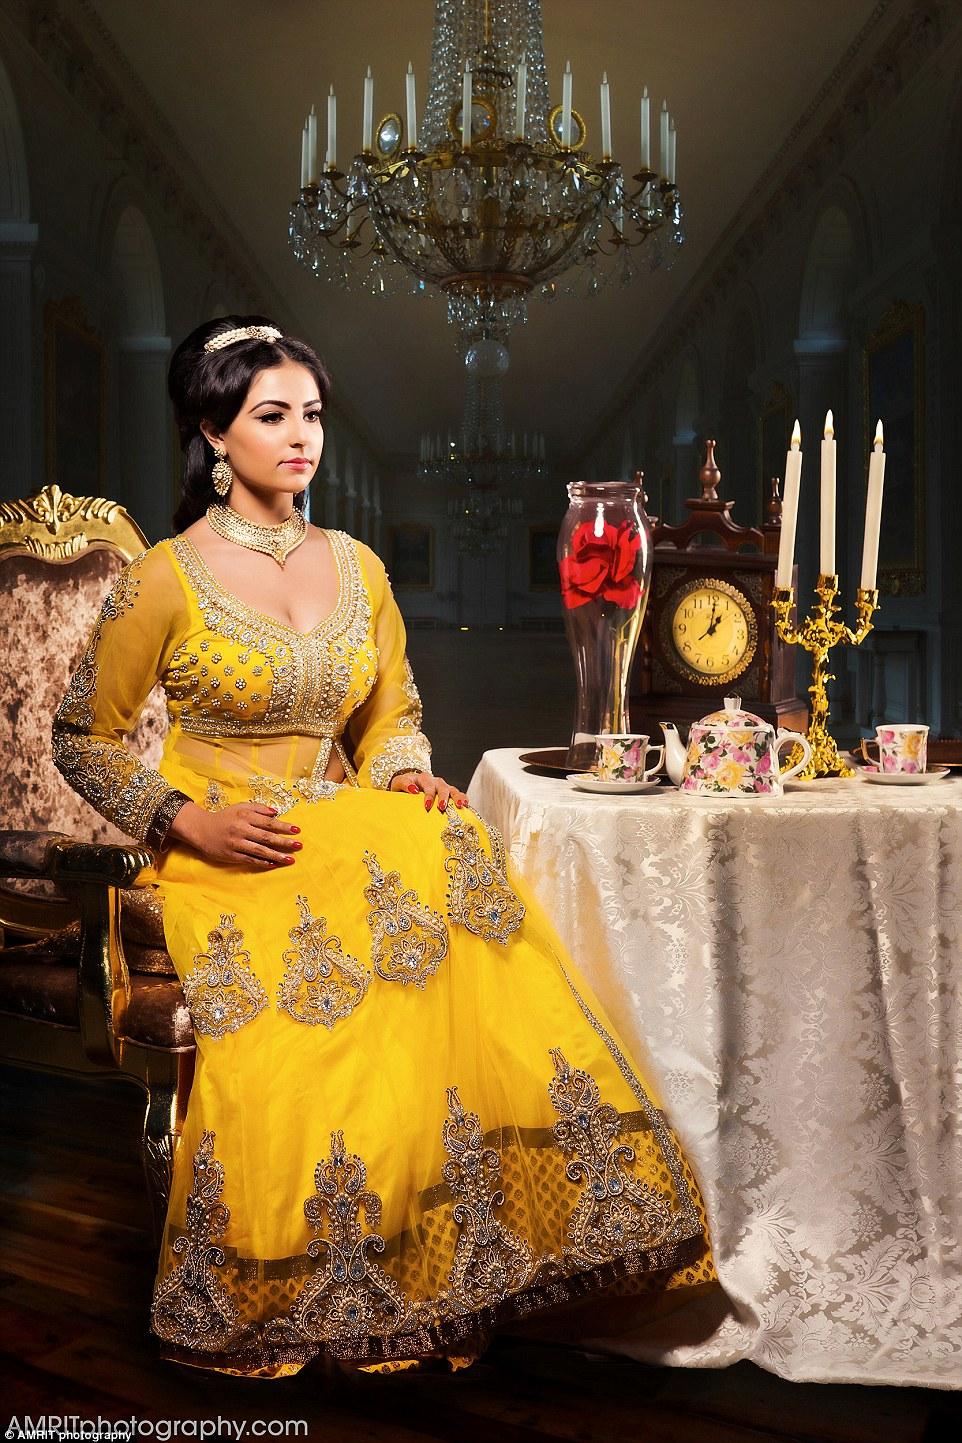 Индийские невесты в образе диснеевских принцесс